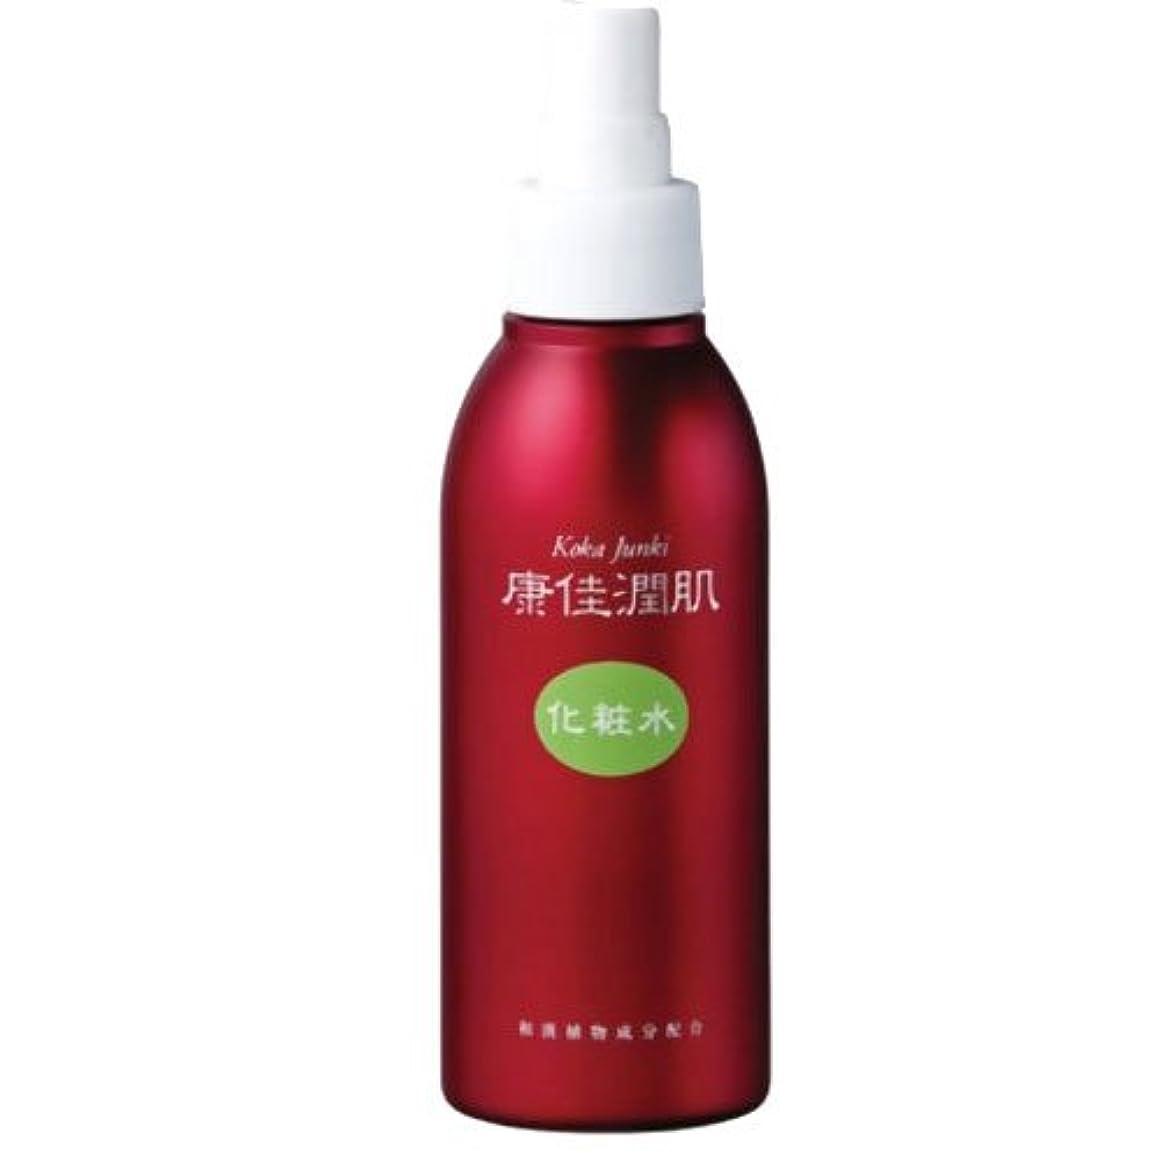 先アルミニウム識別する康佳潤肌化粧水